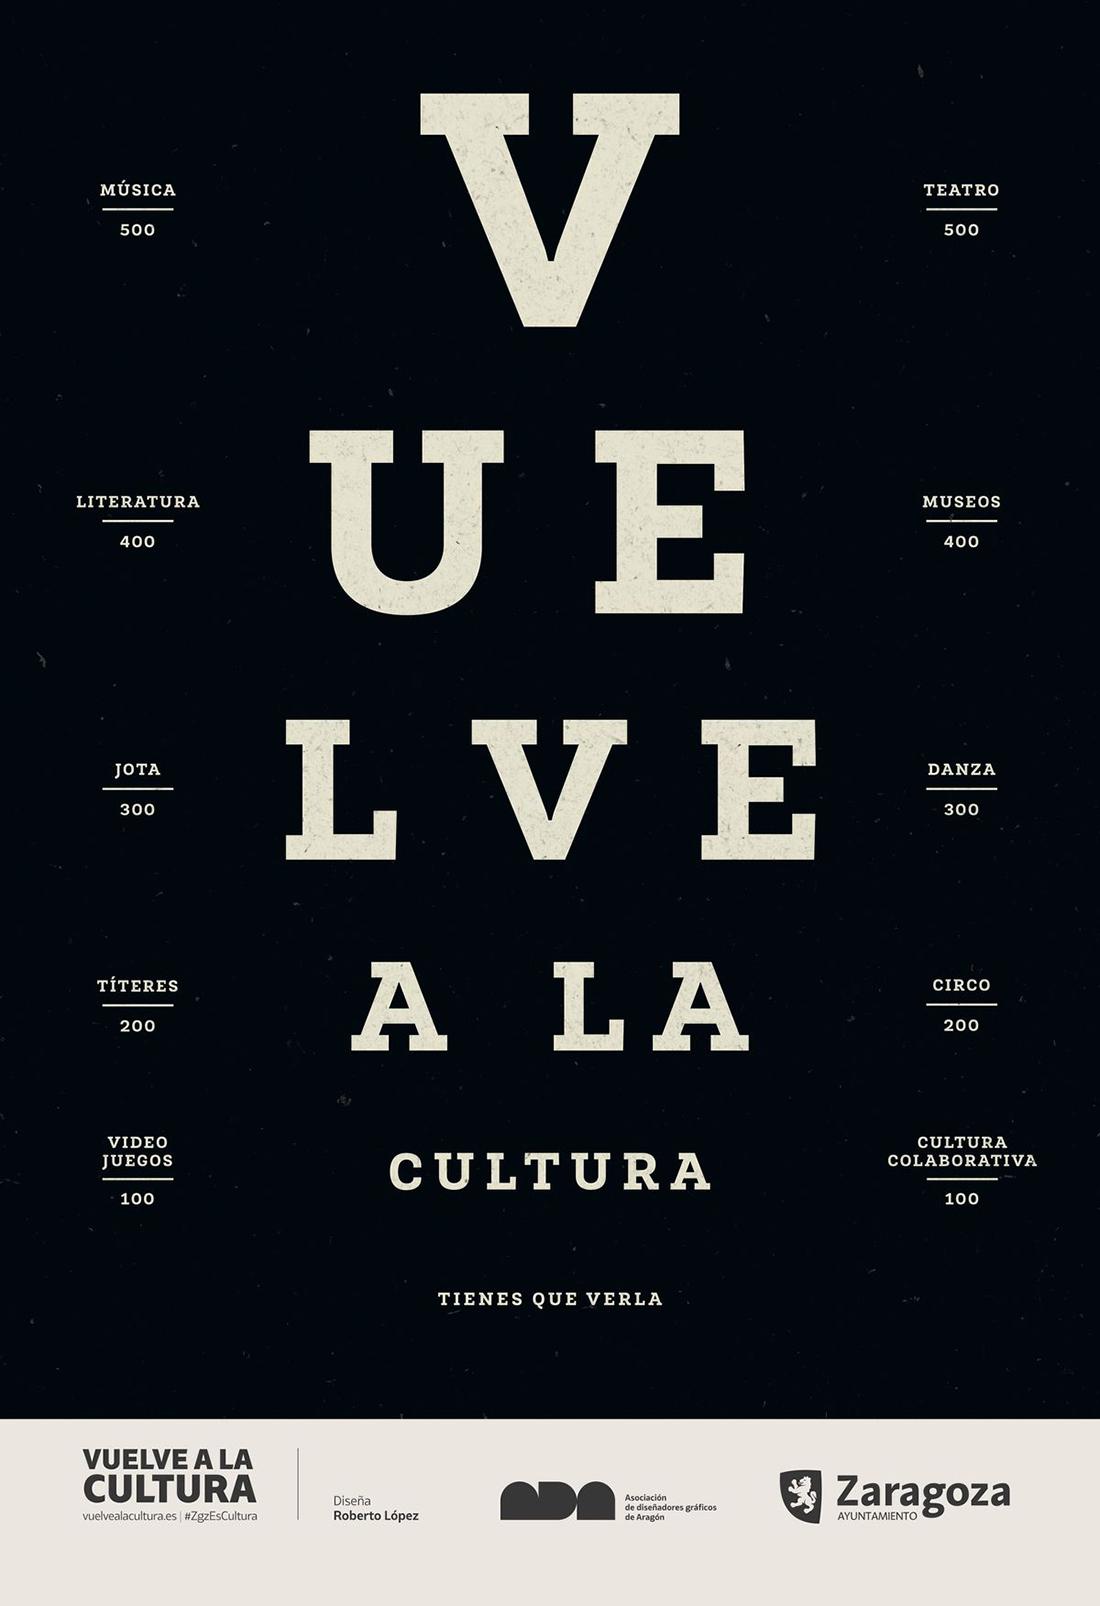 Vuelve a la cultura Zaragoza